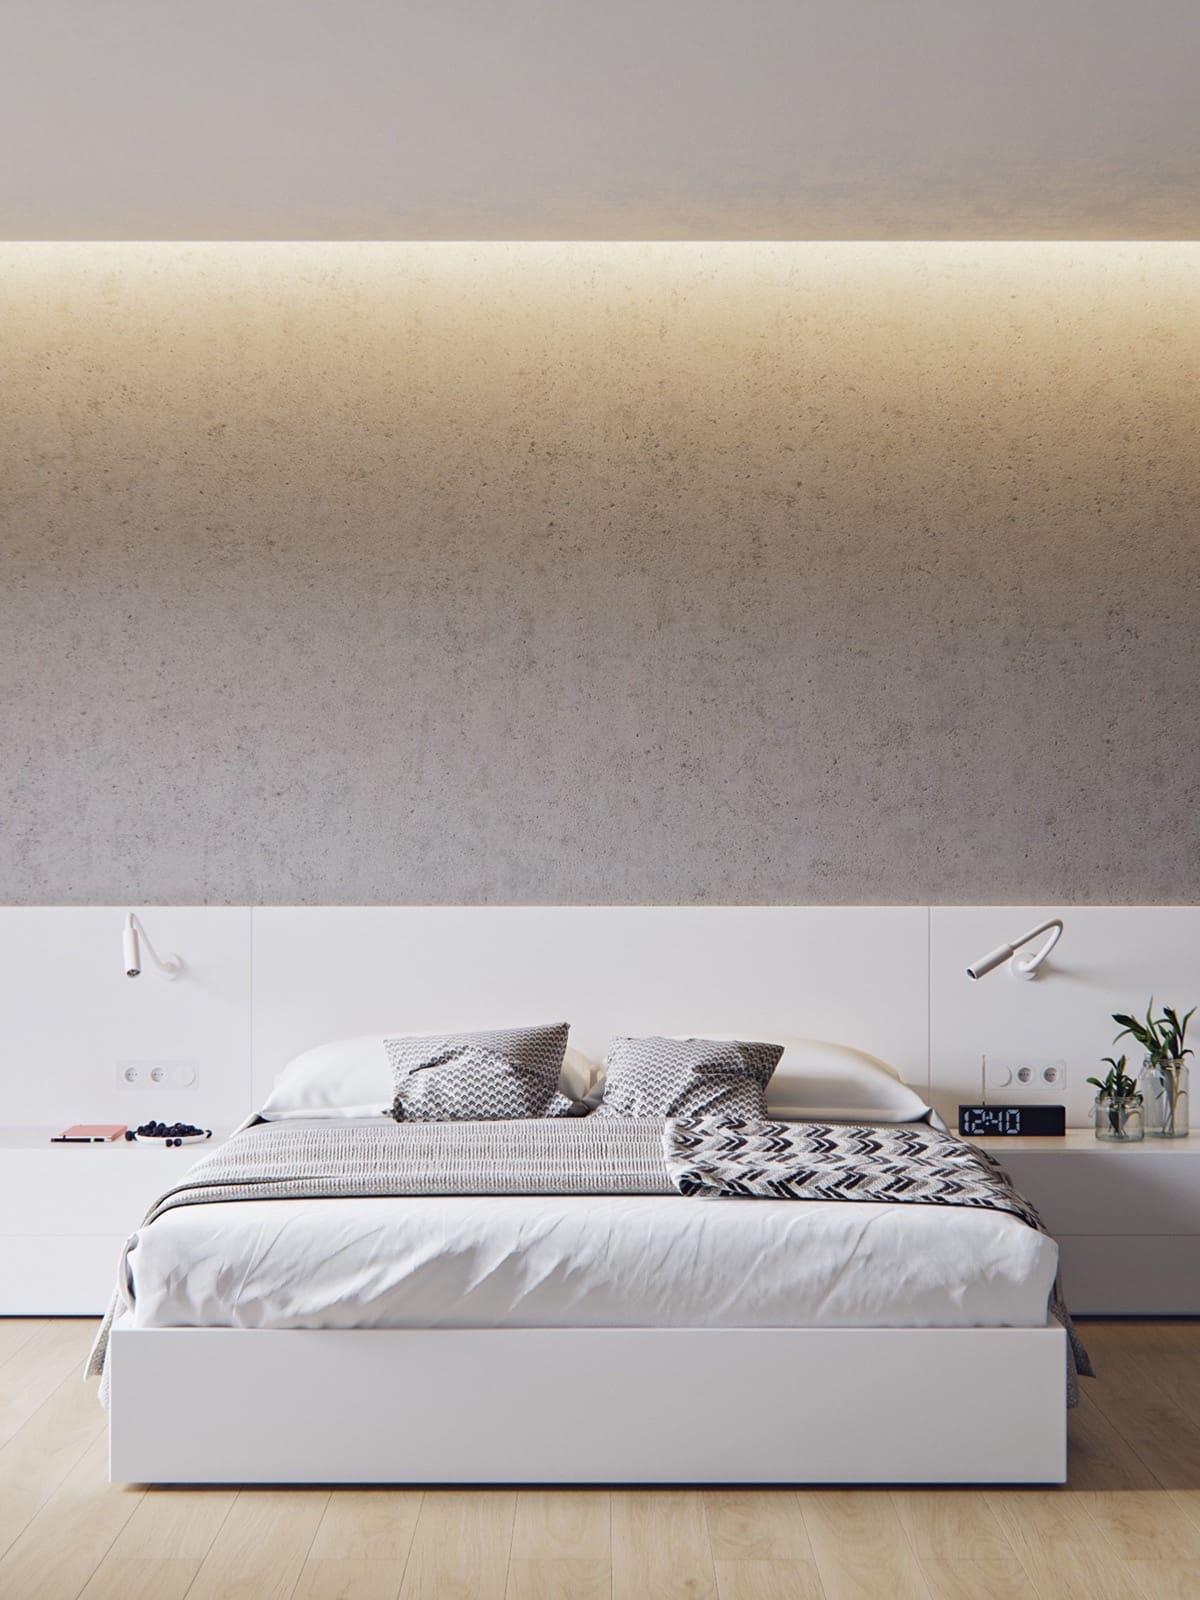 Базовые цвета оформления спален в стили минимализм – белый, черный, серый